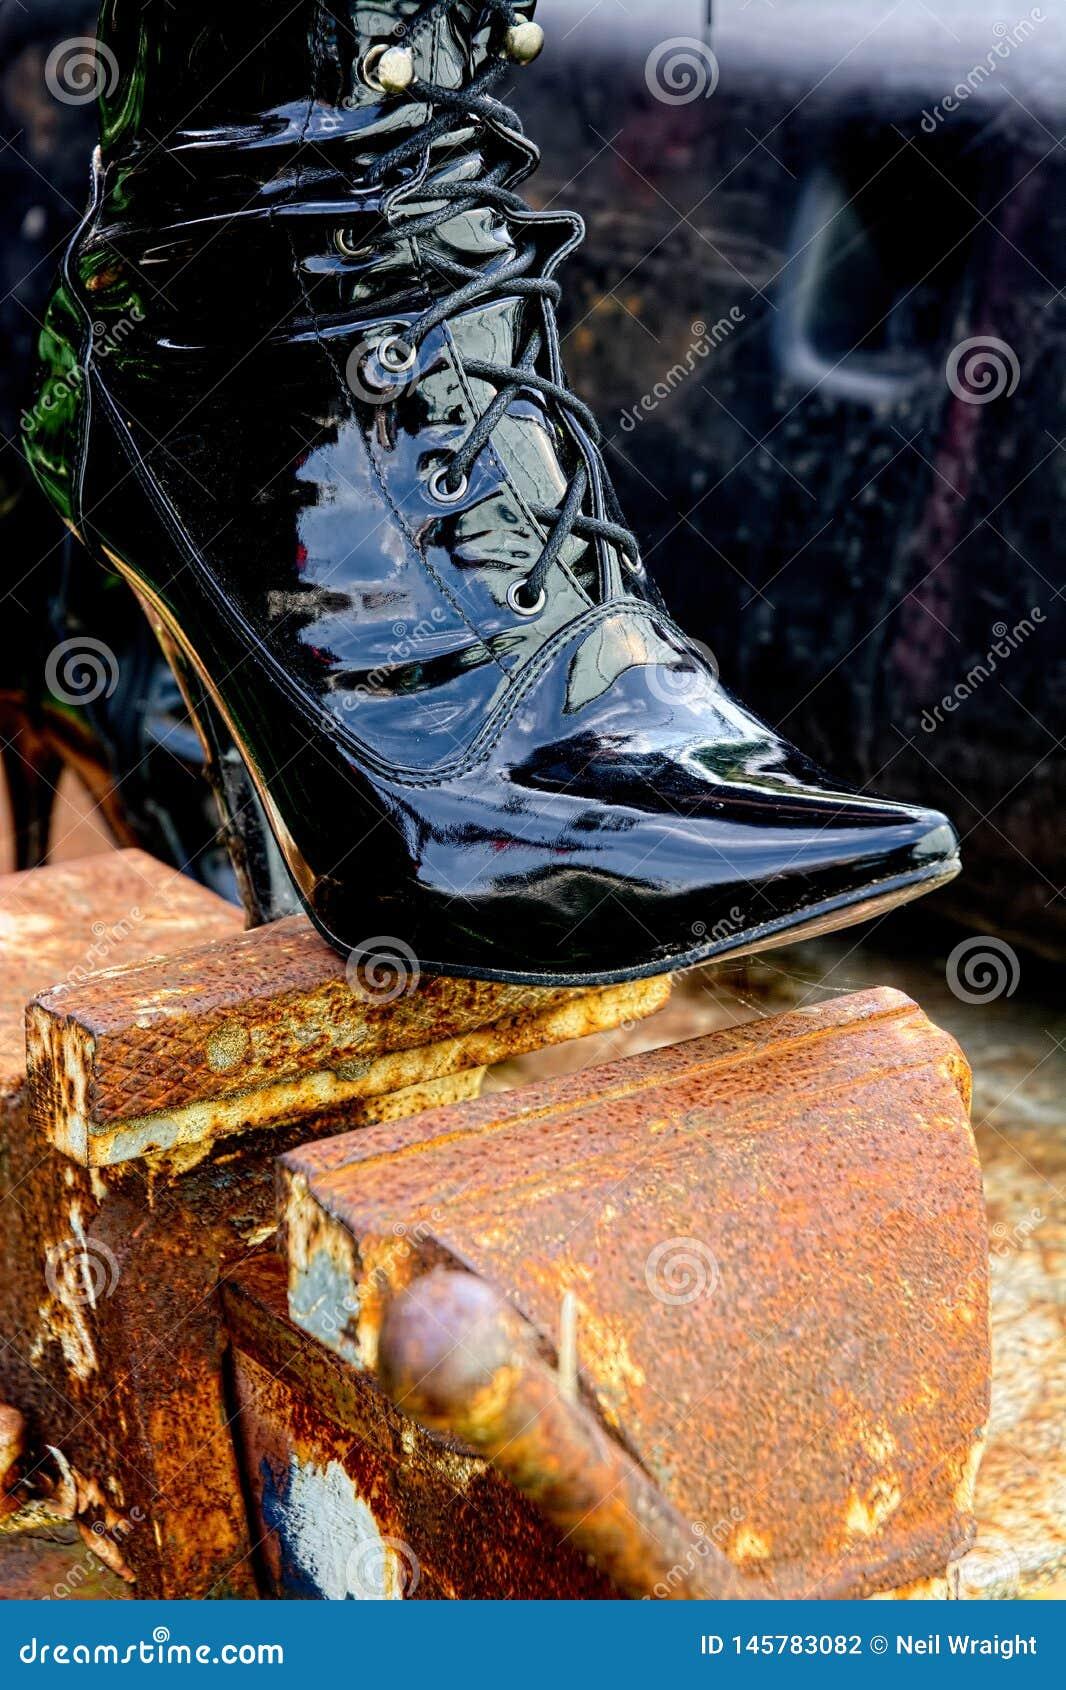 Laced kinky shiny heeled boot